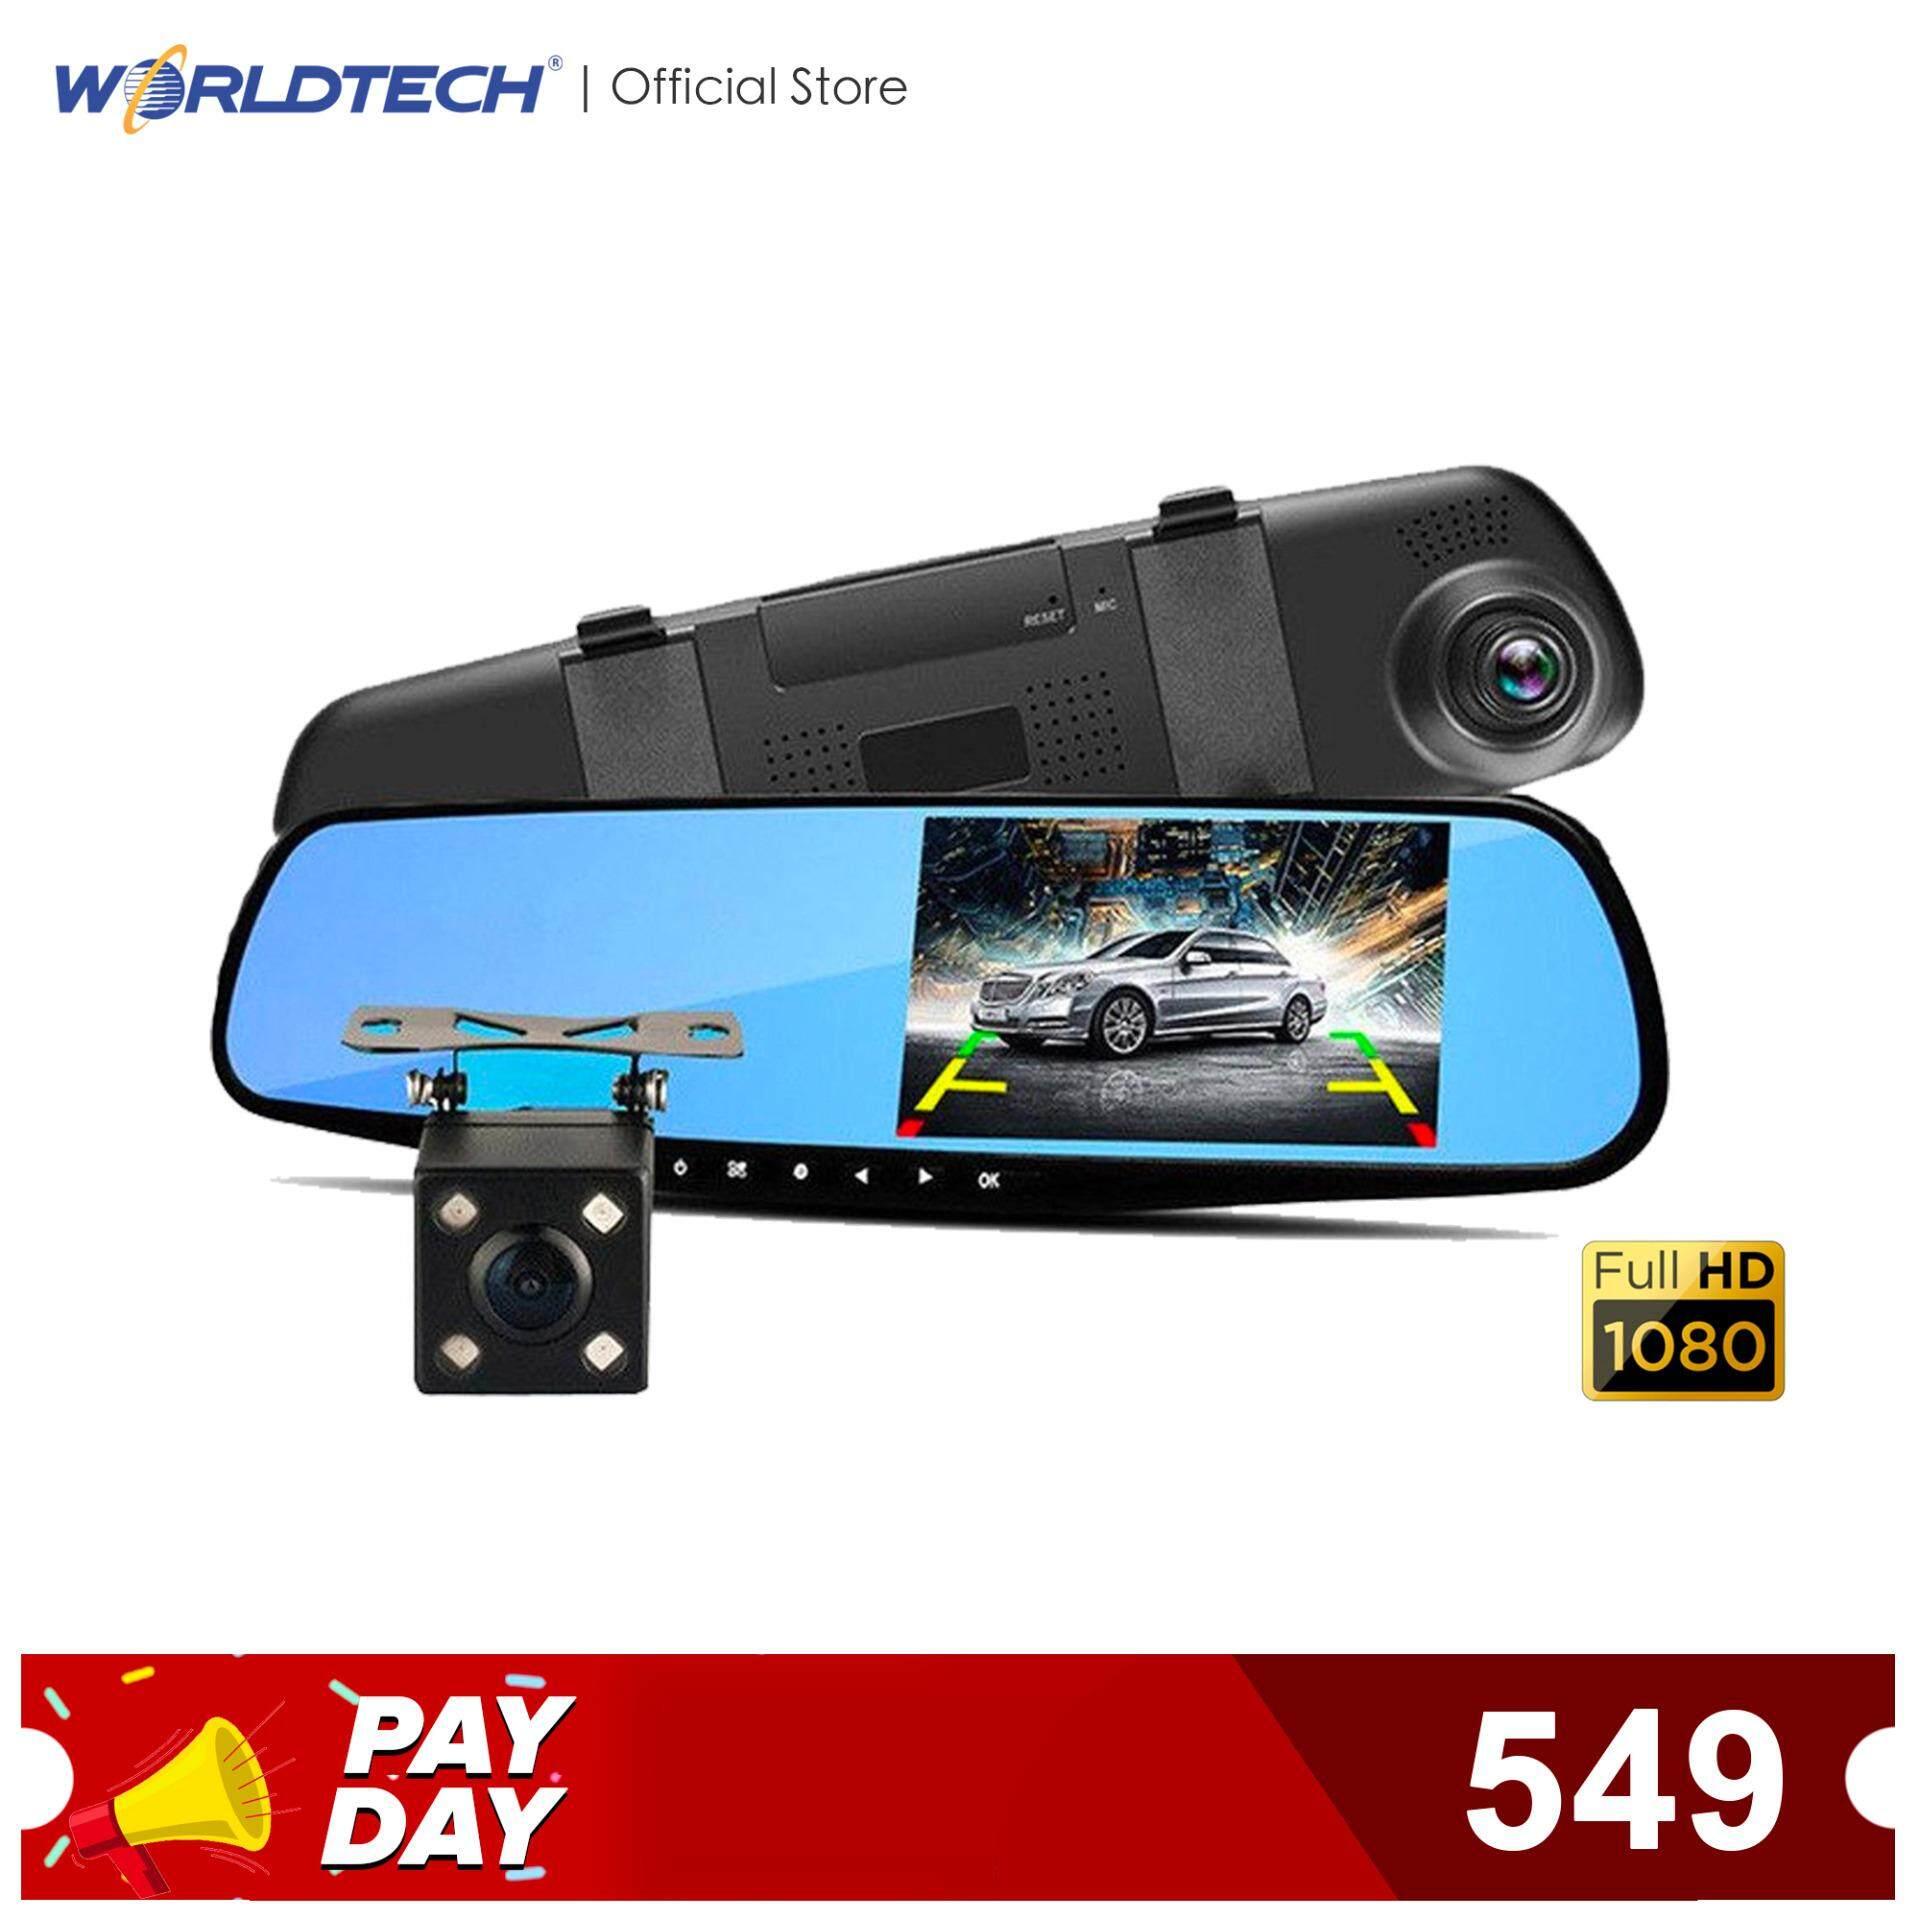 ใหม่ล่าสุด!! กล้องติดรถยนต์ Worldtech รุ่น WT-472DVR เมนูภาษาไทย กล้องติดหน้ารถที่มาพร้อมความคมชัดระดับ Full HD แถมฟรี!! กล้องมองหลัง